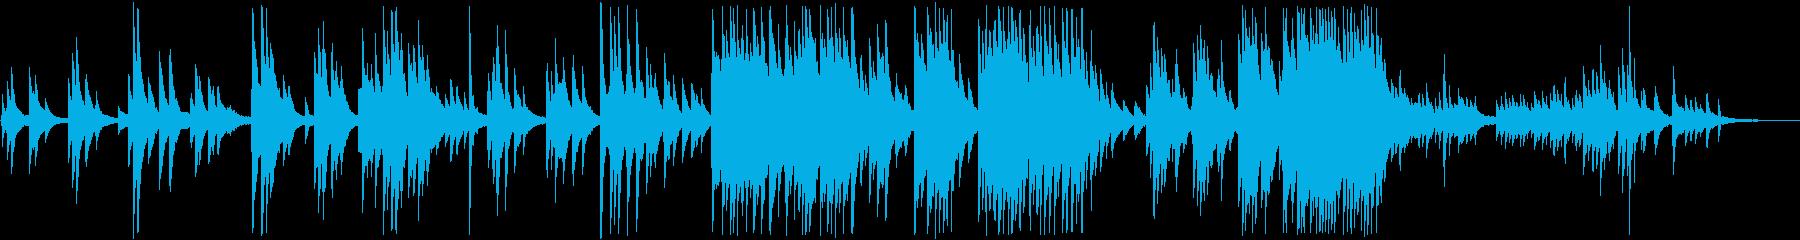 清らかなピアノの音色のリラクゼーションの再生済みの波形